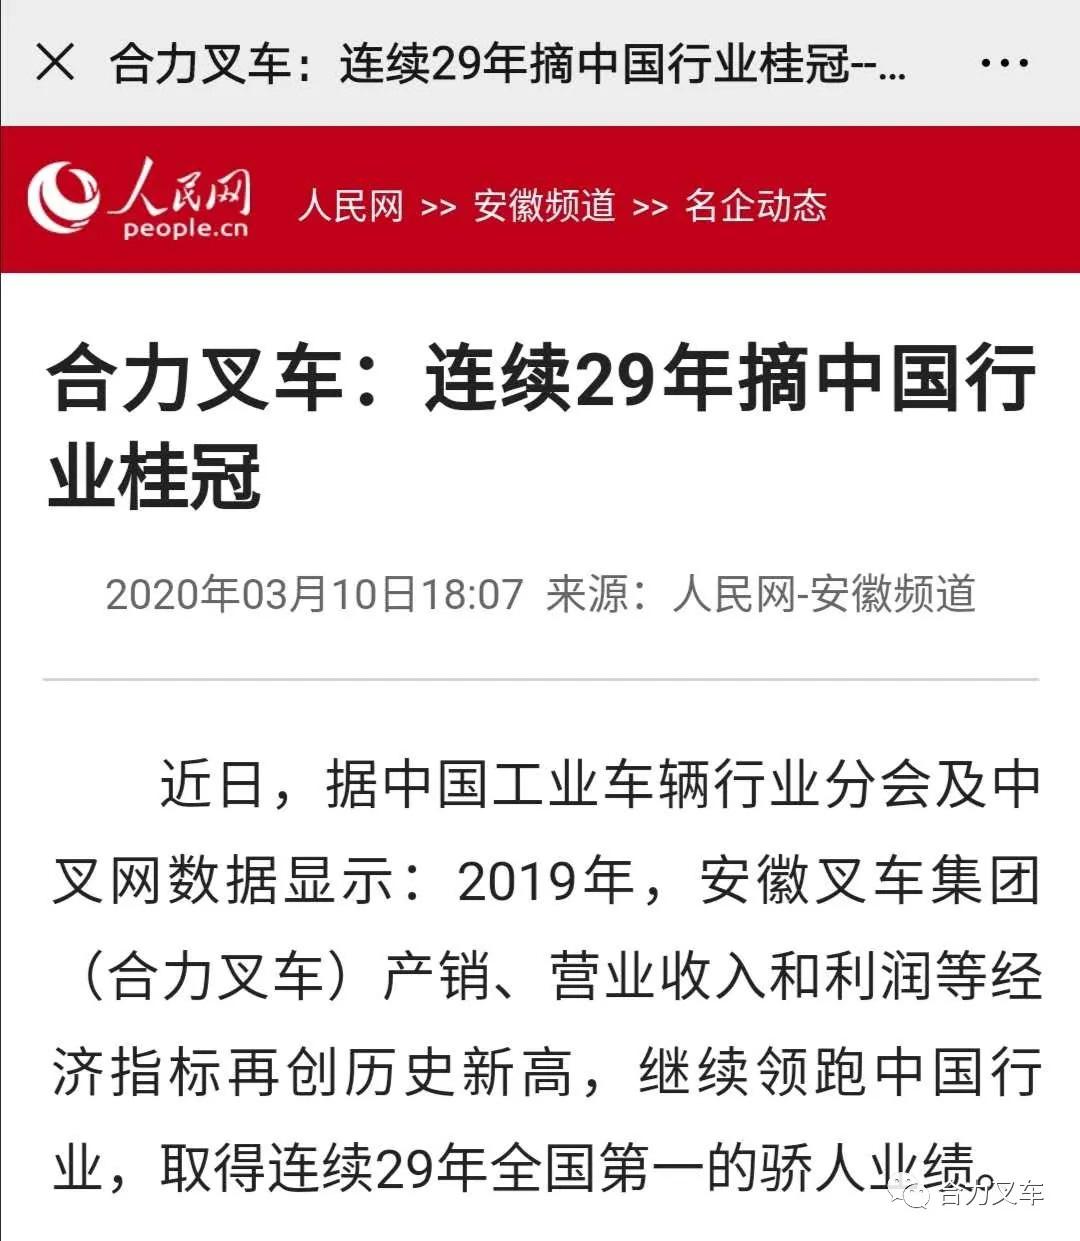 【人民网报道】合力叉车:连续29年摘中国行业桂冠!